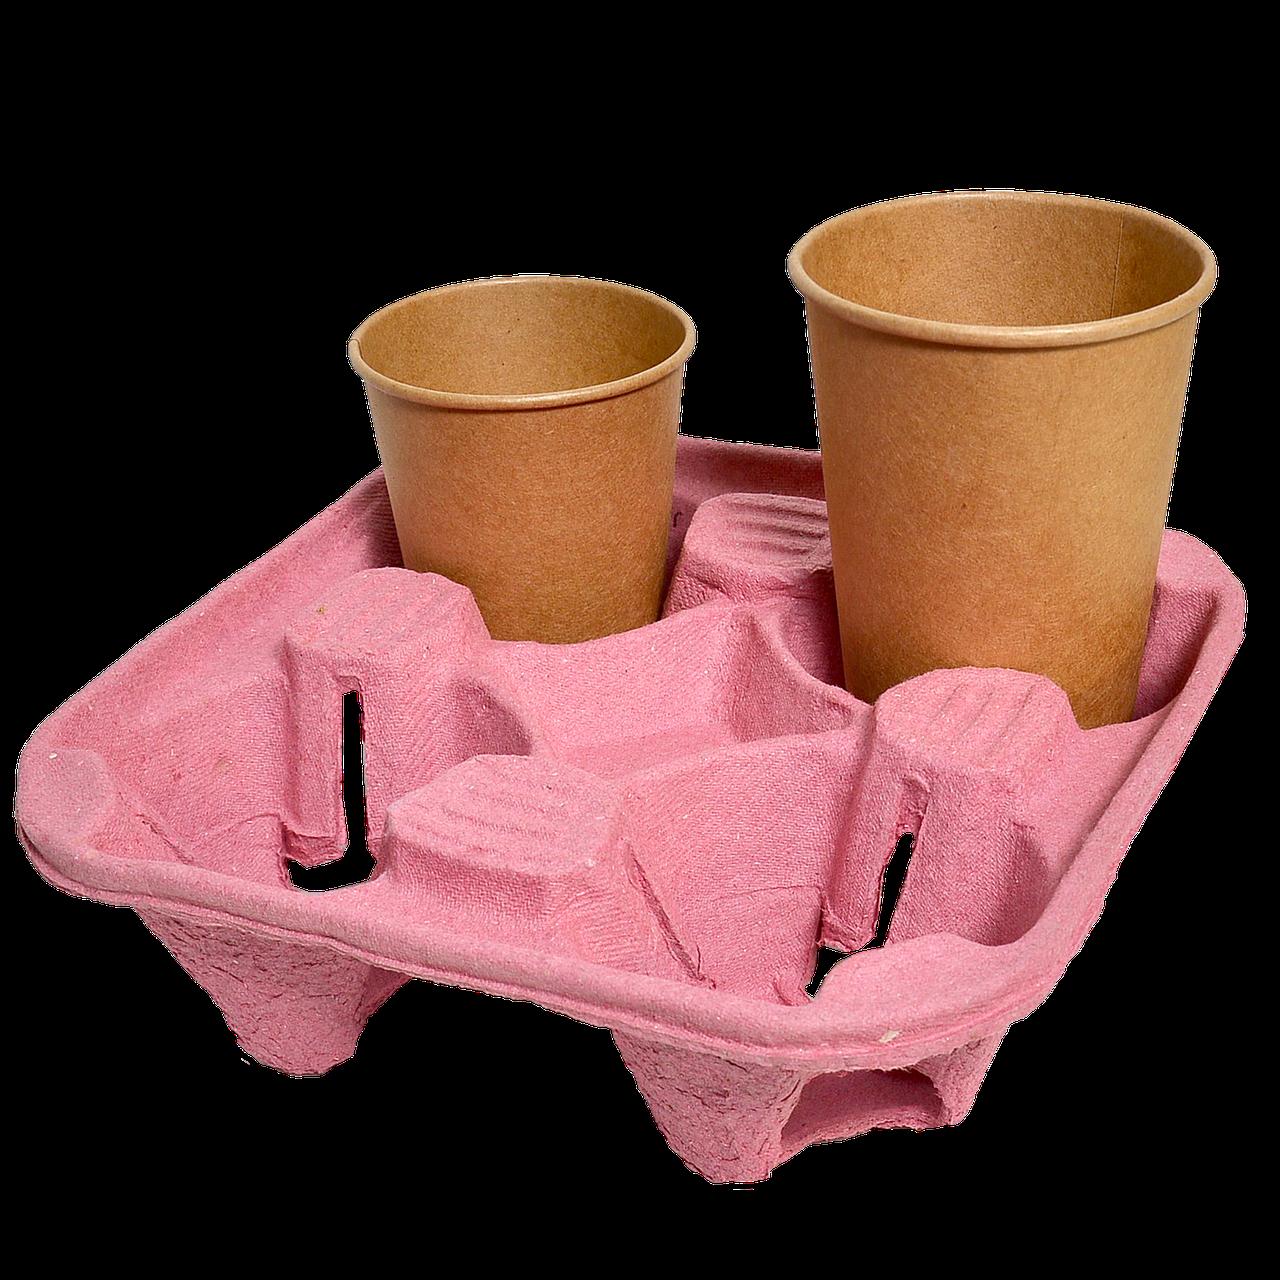 Подставка для стакана 4-секции, 1шт (1уп/130шт) Розовая